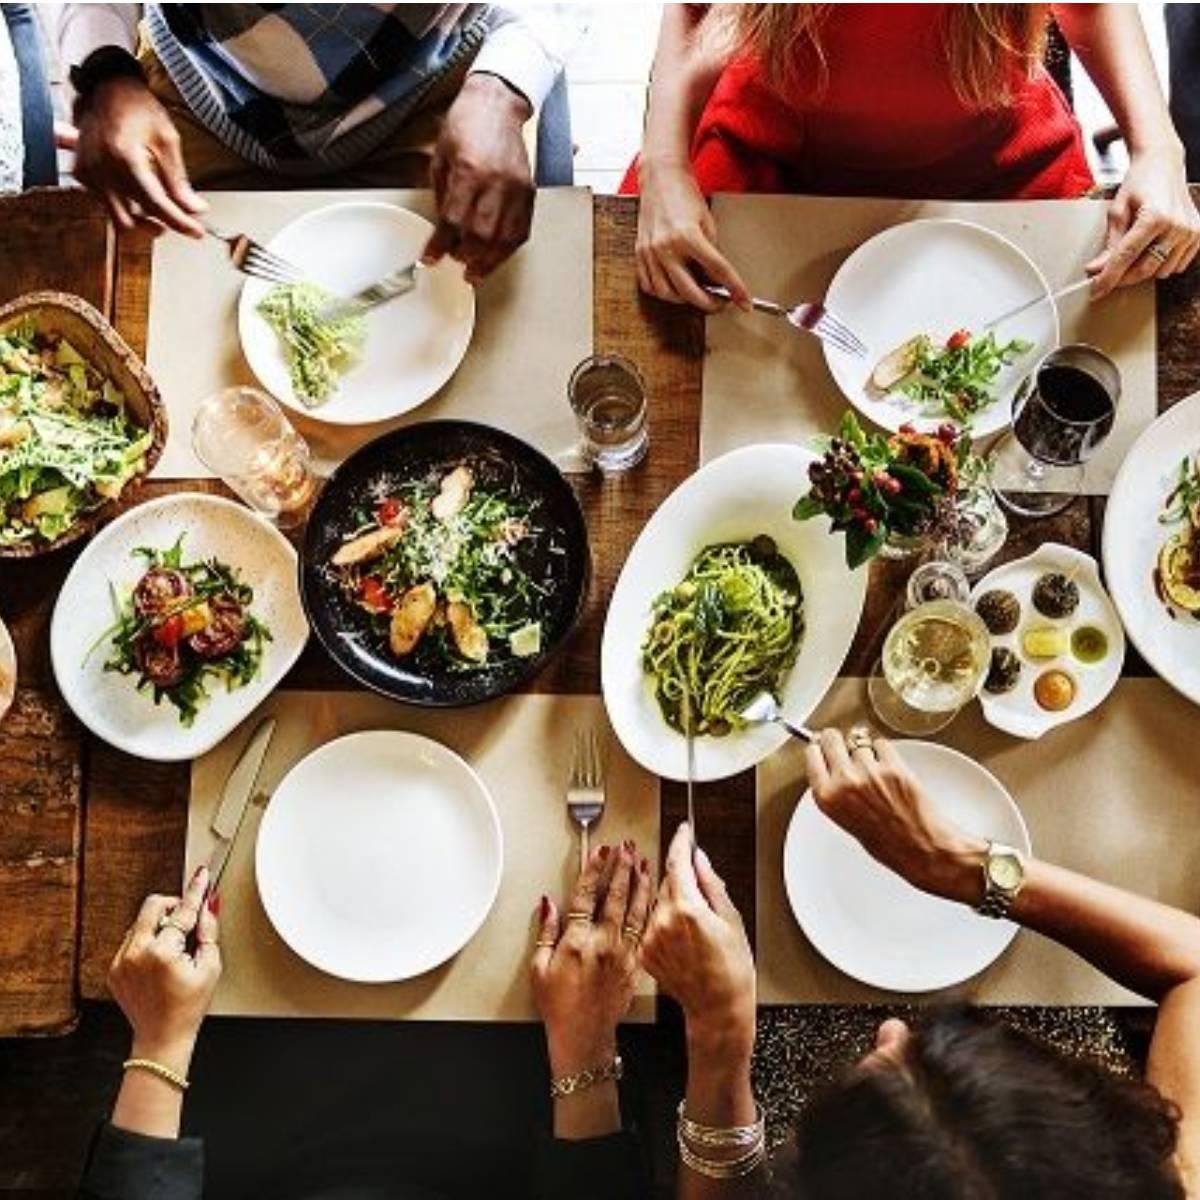 Das gemeinsame Mahl